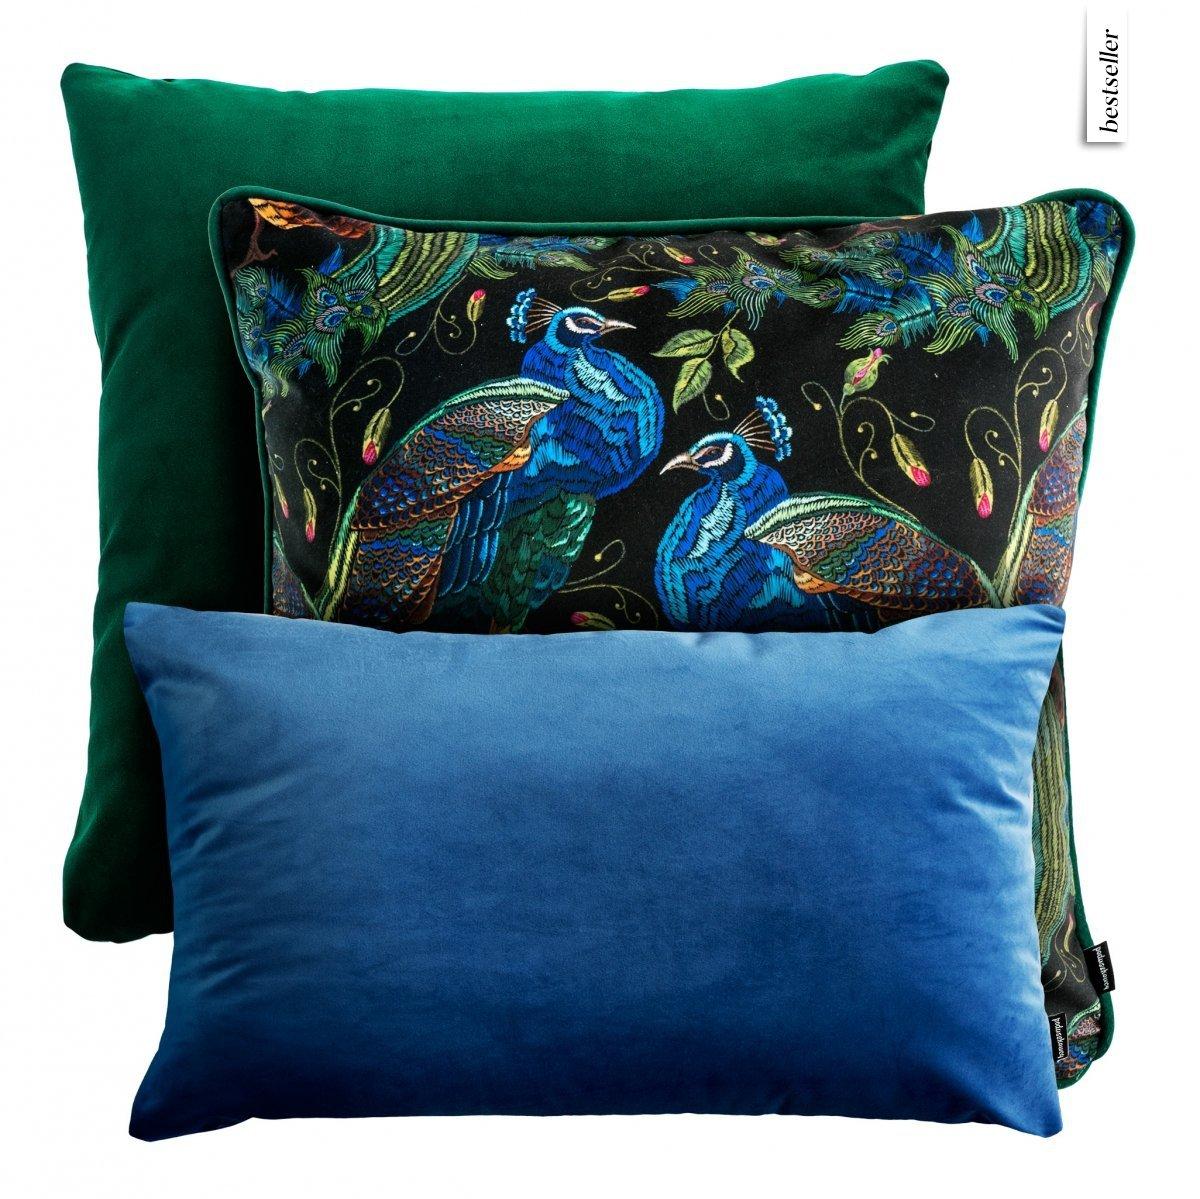 Zielono-niebieski zestaw poduszek dekoracyjnych Peacock